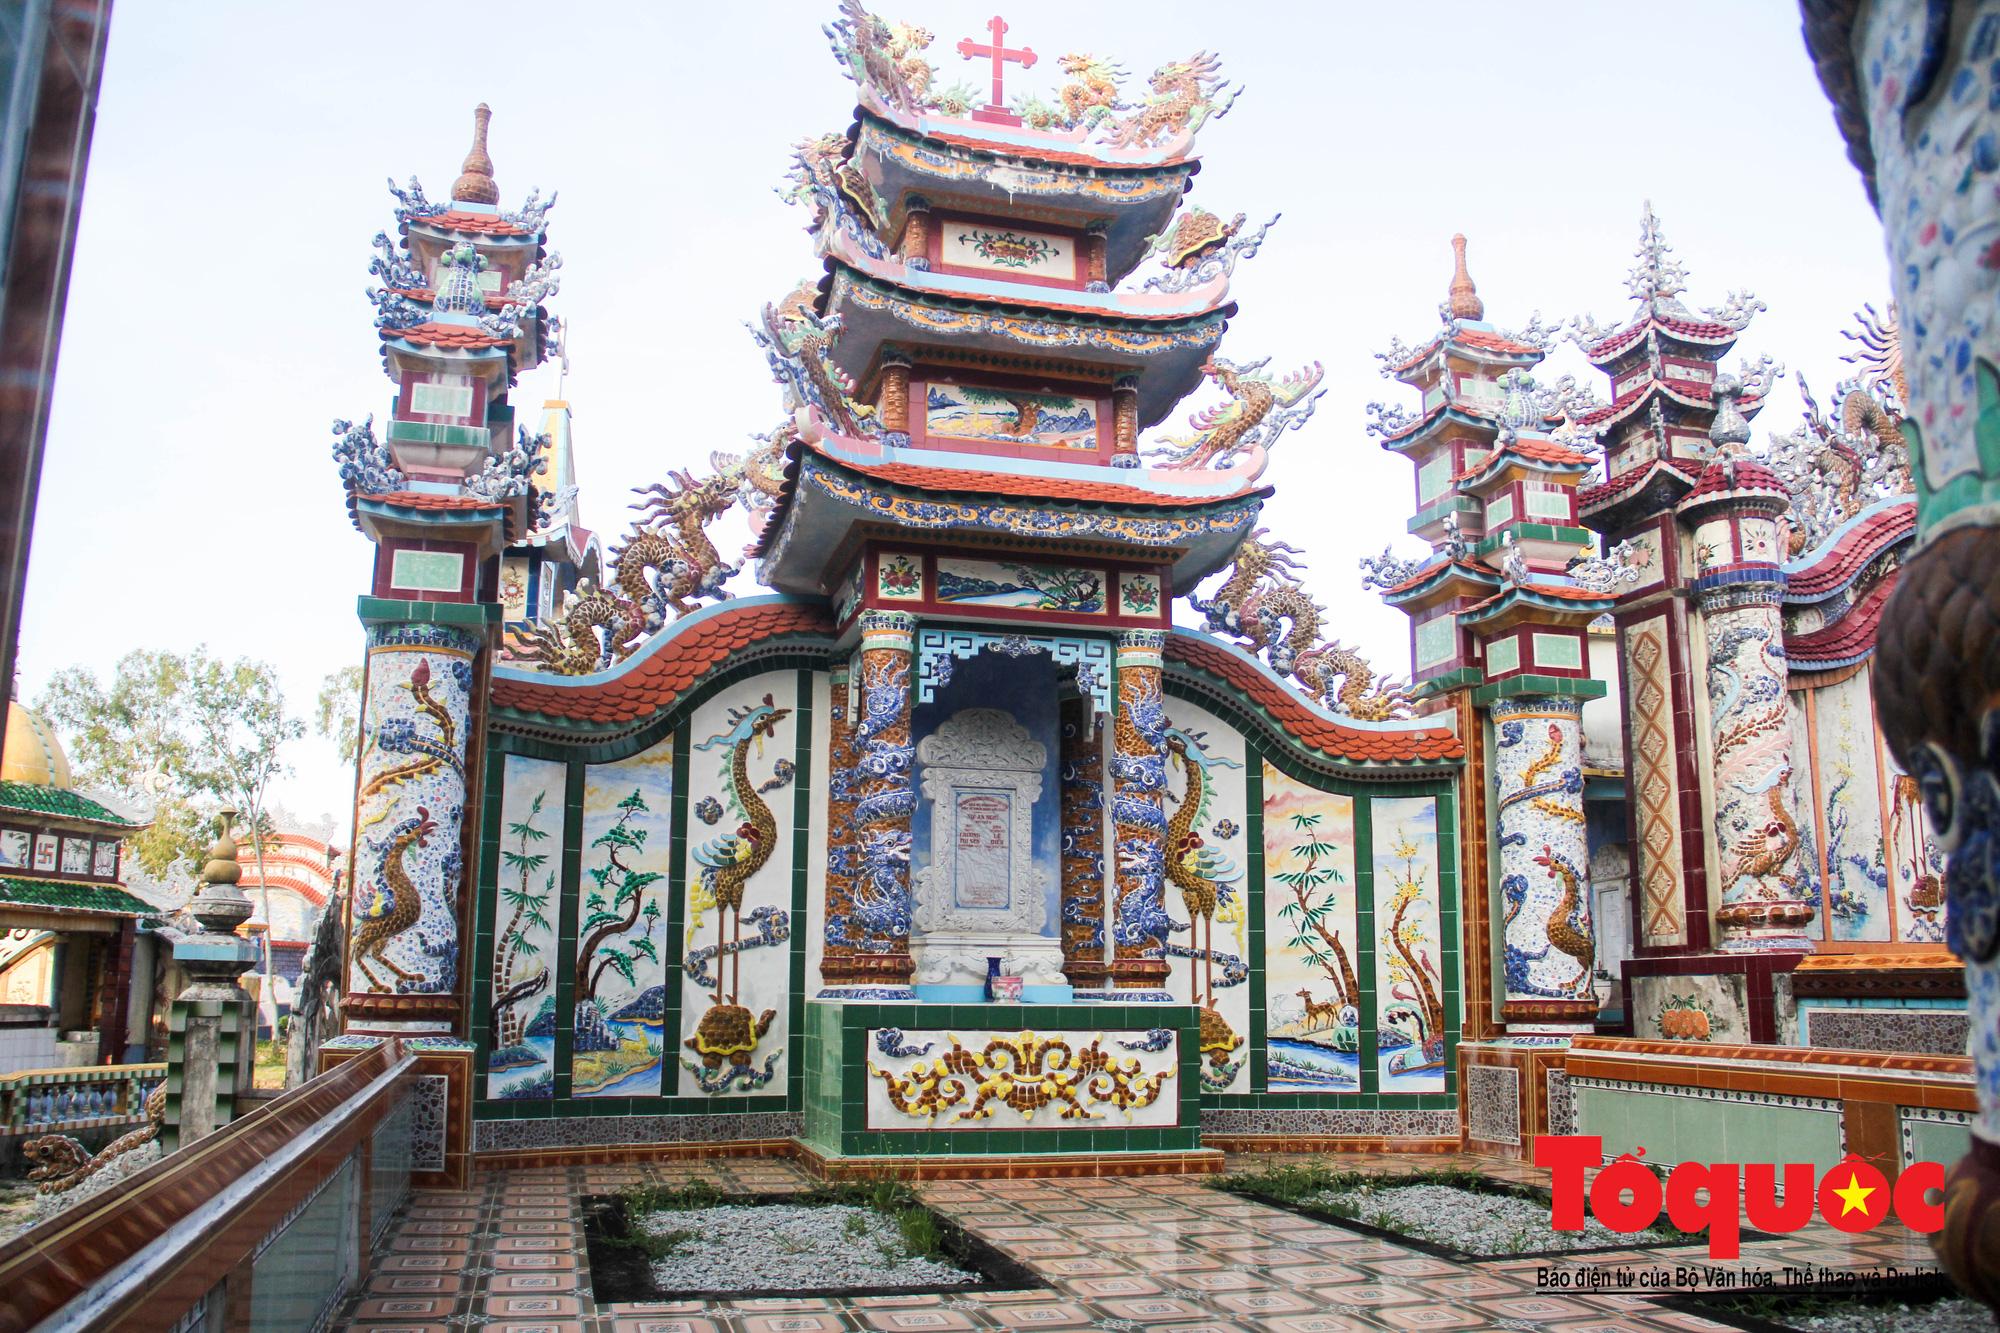 """Ngỡ ngàng với vẻ xa hoa, tráng lệ của """"thành phố lăng mộ"""" nghìn tỷ bậc nhất Việt Nam - Ảnh 10."""